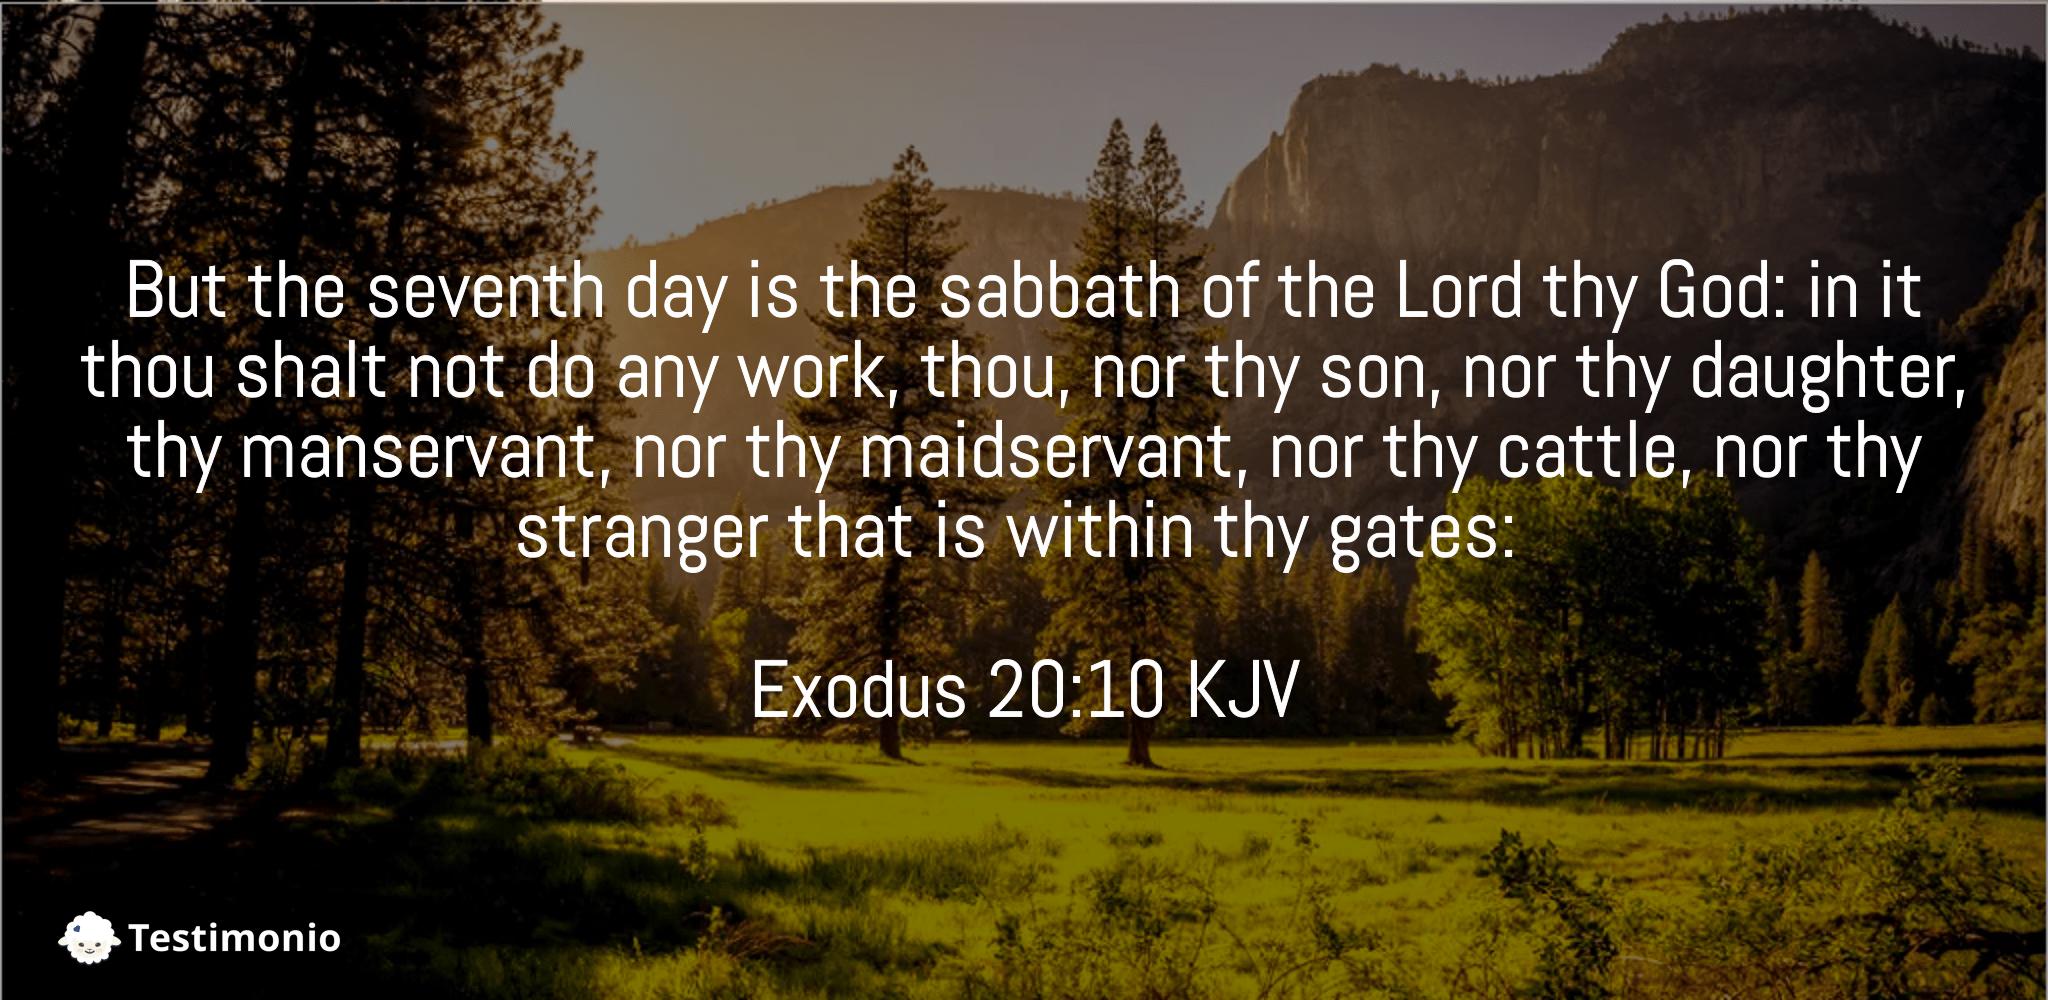 Exodus 20:10